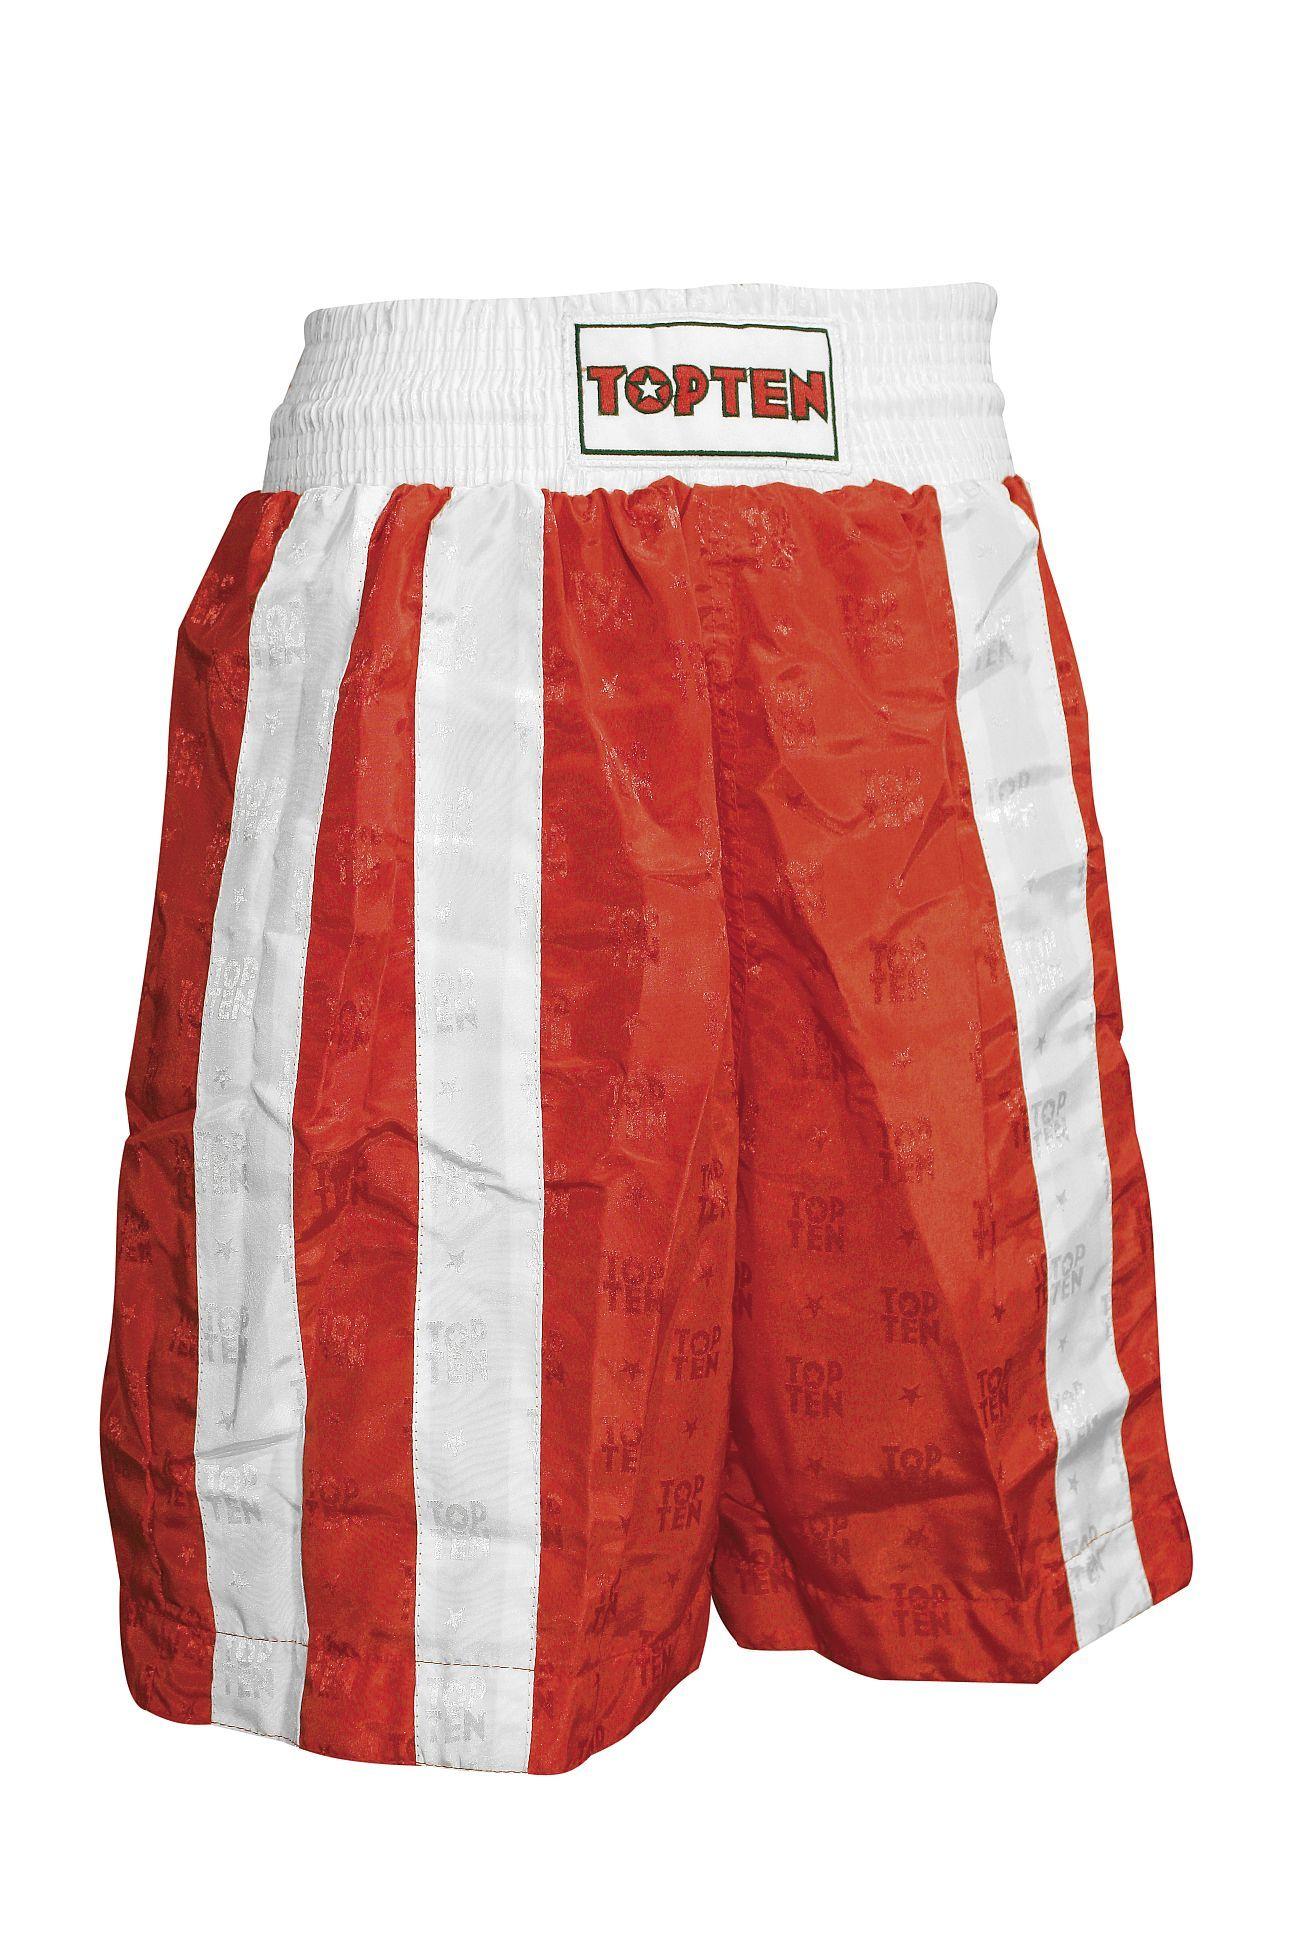 """TOP TEN Boksbroekje """"Two Stripes"""" Rood - Wit"""